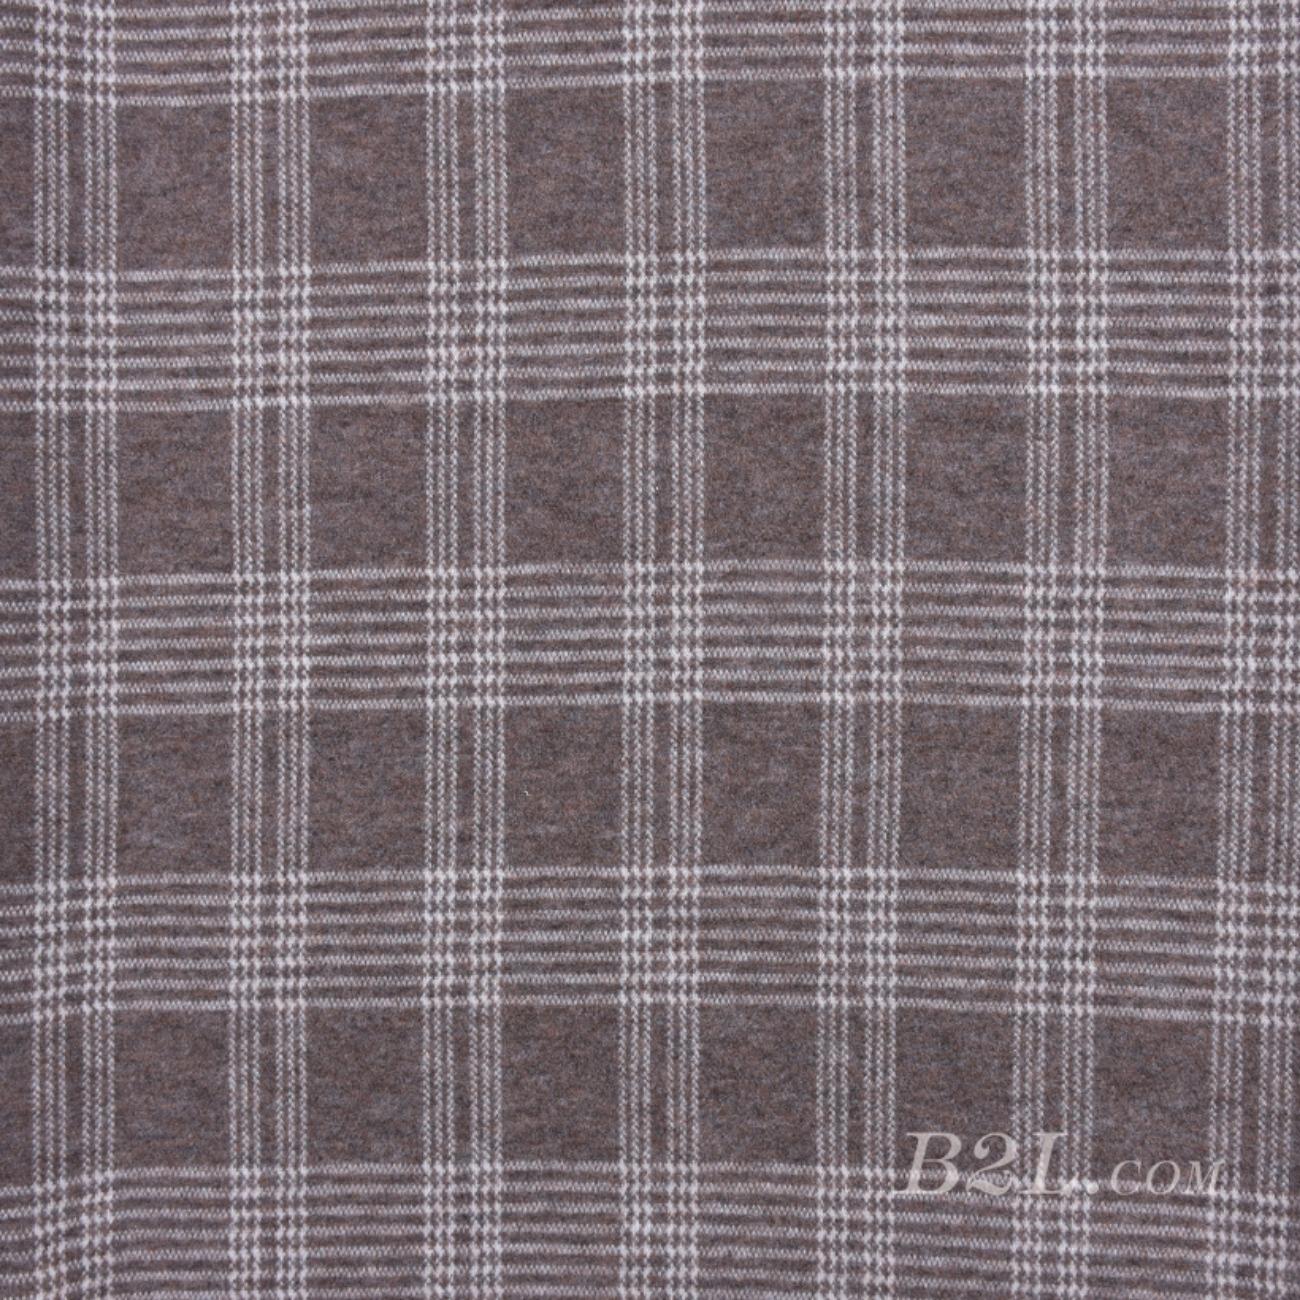 针织染色毛纺格子面料-春秋冬外套连衣裙大衣夹克面料Z758